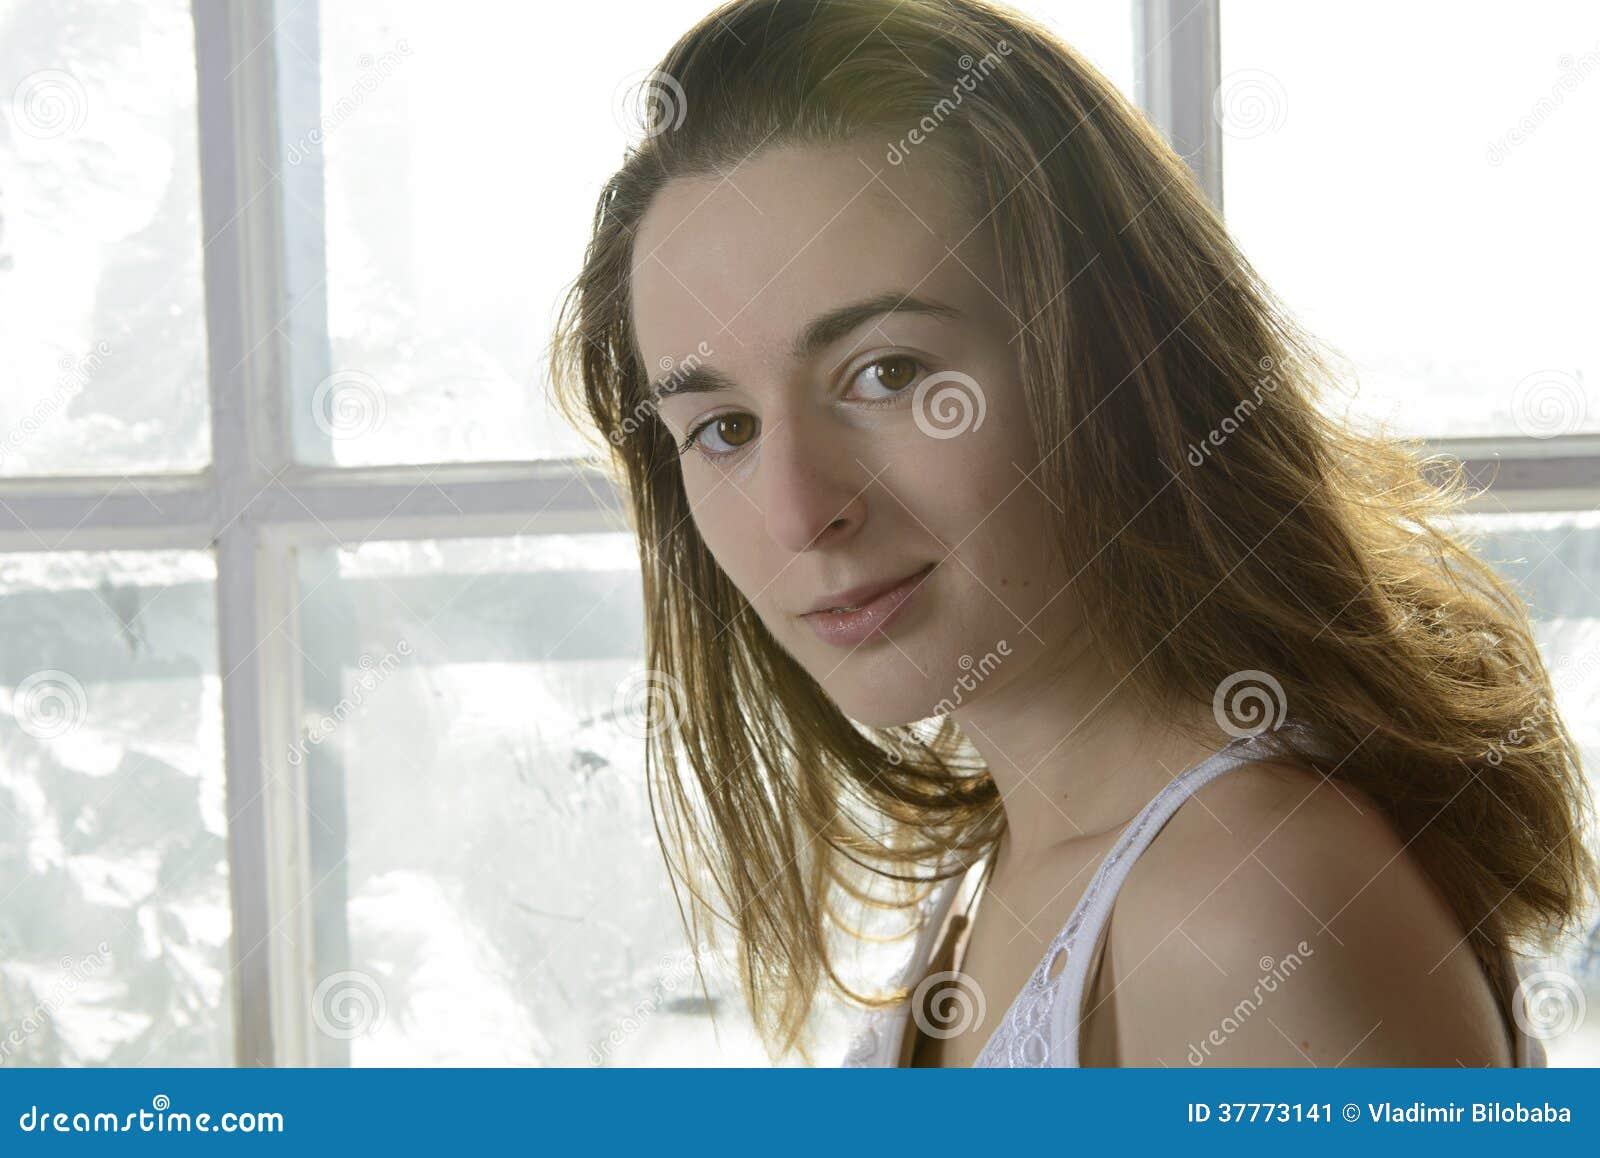 Девушки в соседском окне, красавица страпон порно